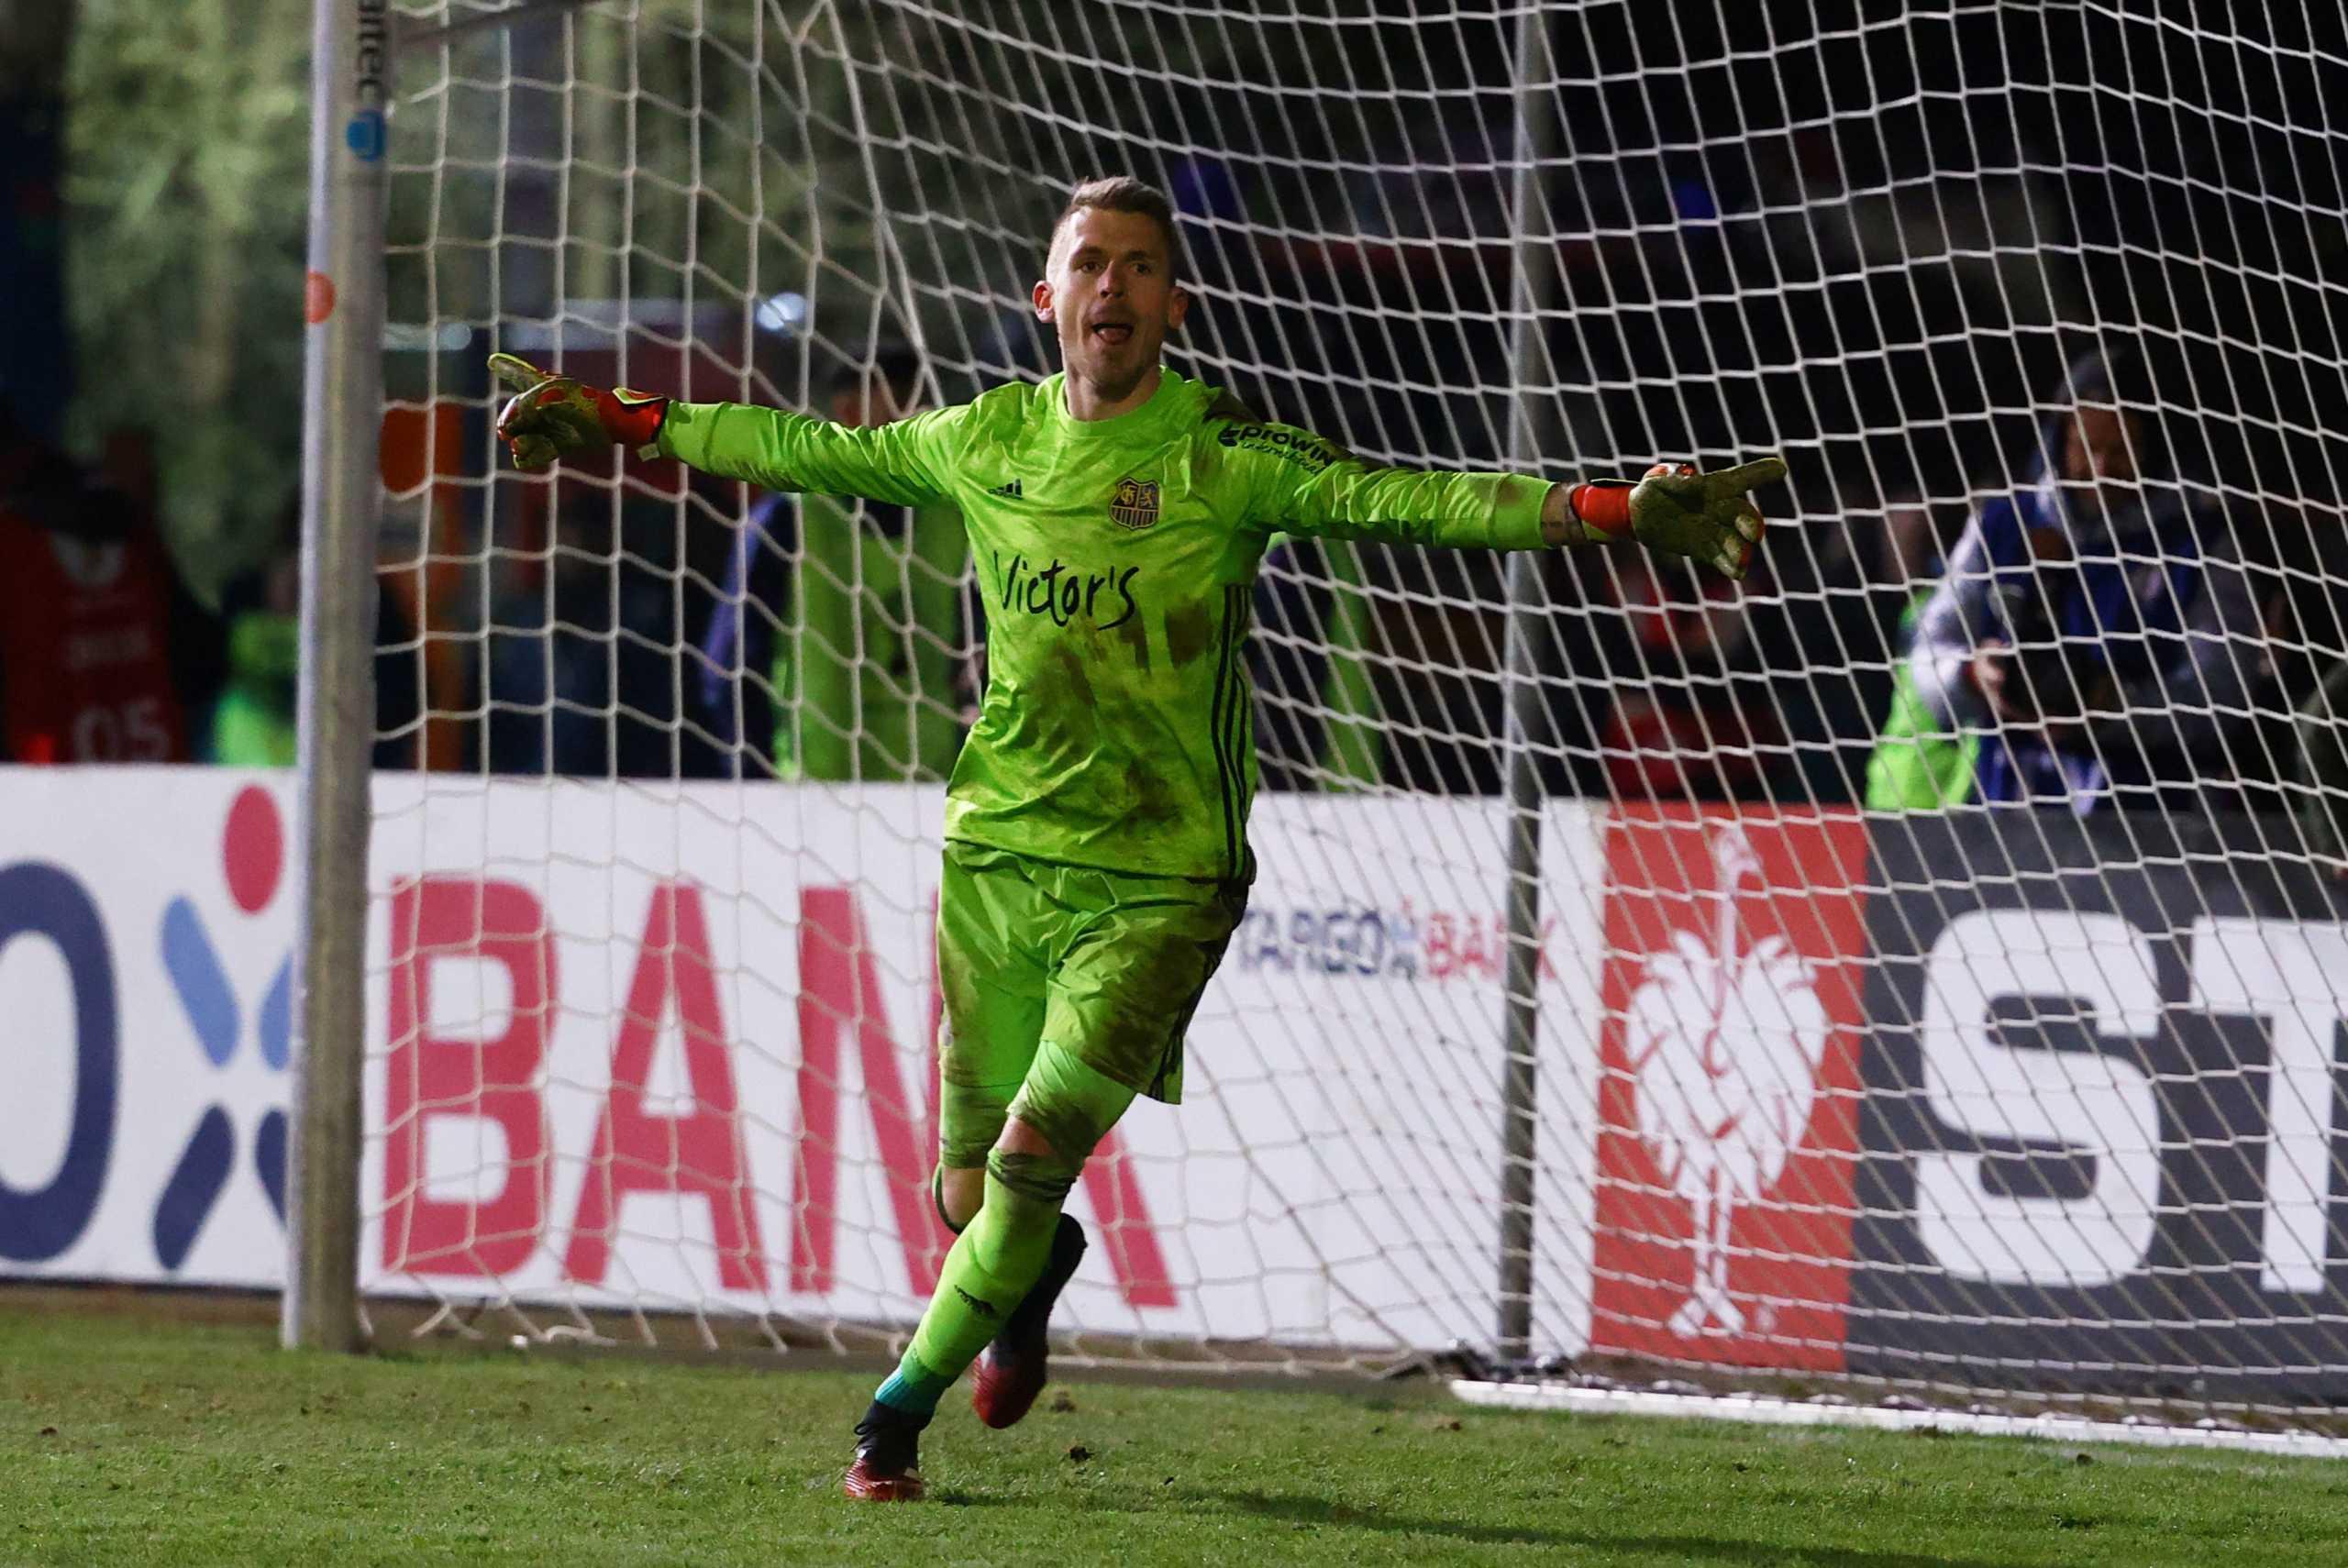 Απίστευτο! Τερματοφύλακας ομάδας της 4ης κατηγορίας έπιασε 5 πέναλτι στο Κύπελλο Γερμανίας